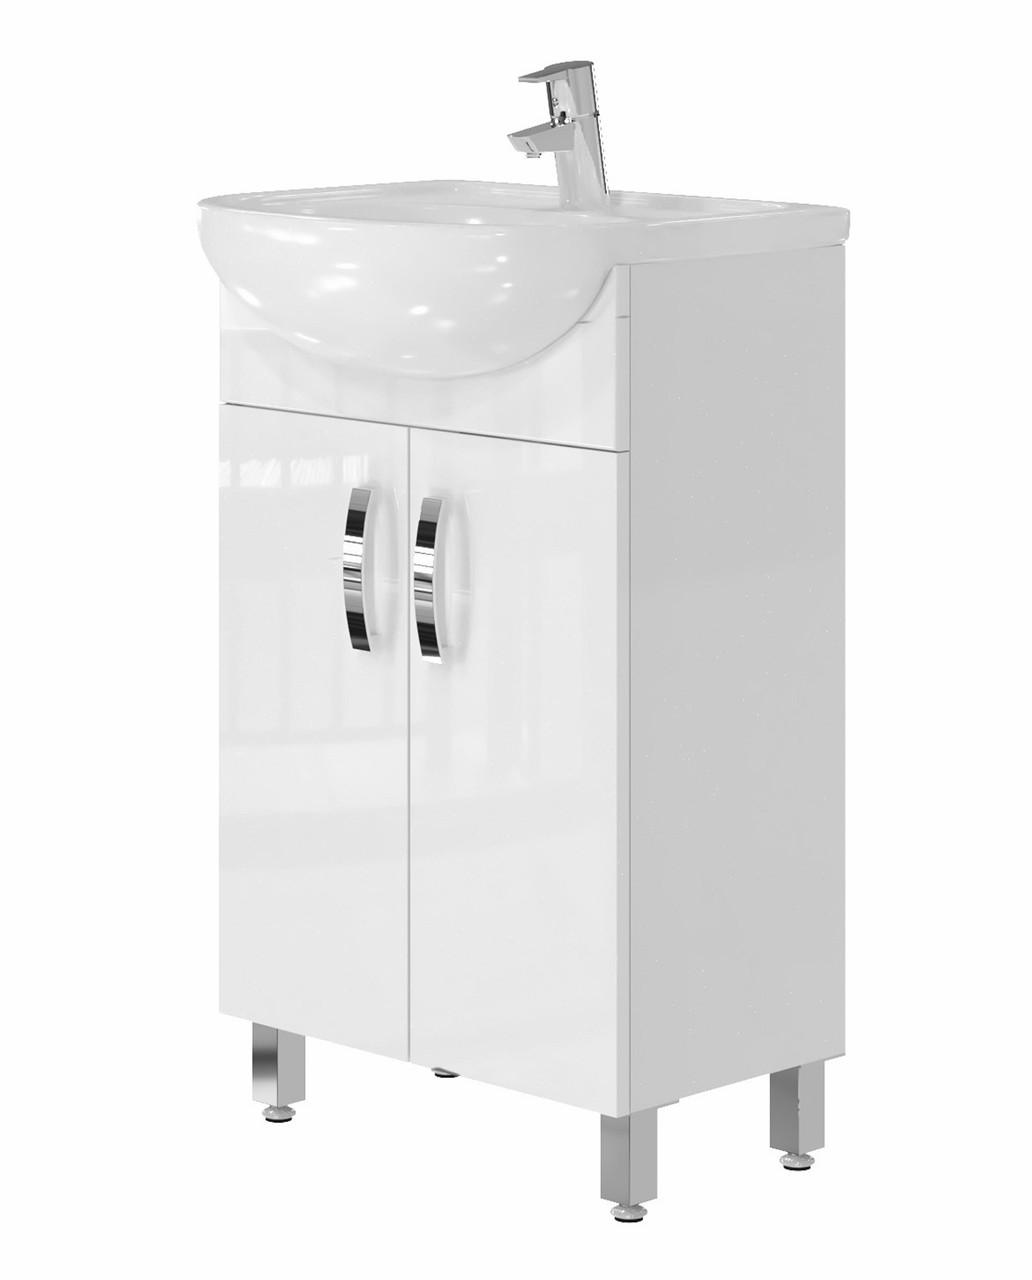 Тумба для ванной Juventa Trento Trn-50 с умывальником Сити-50 белая